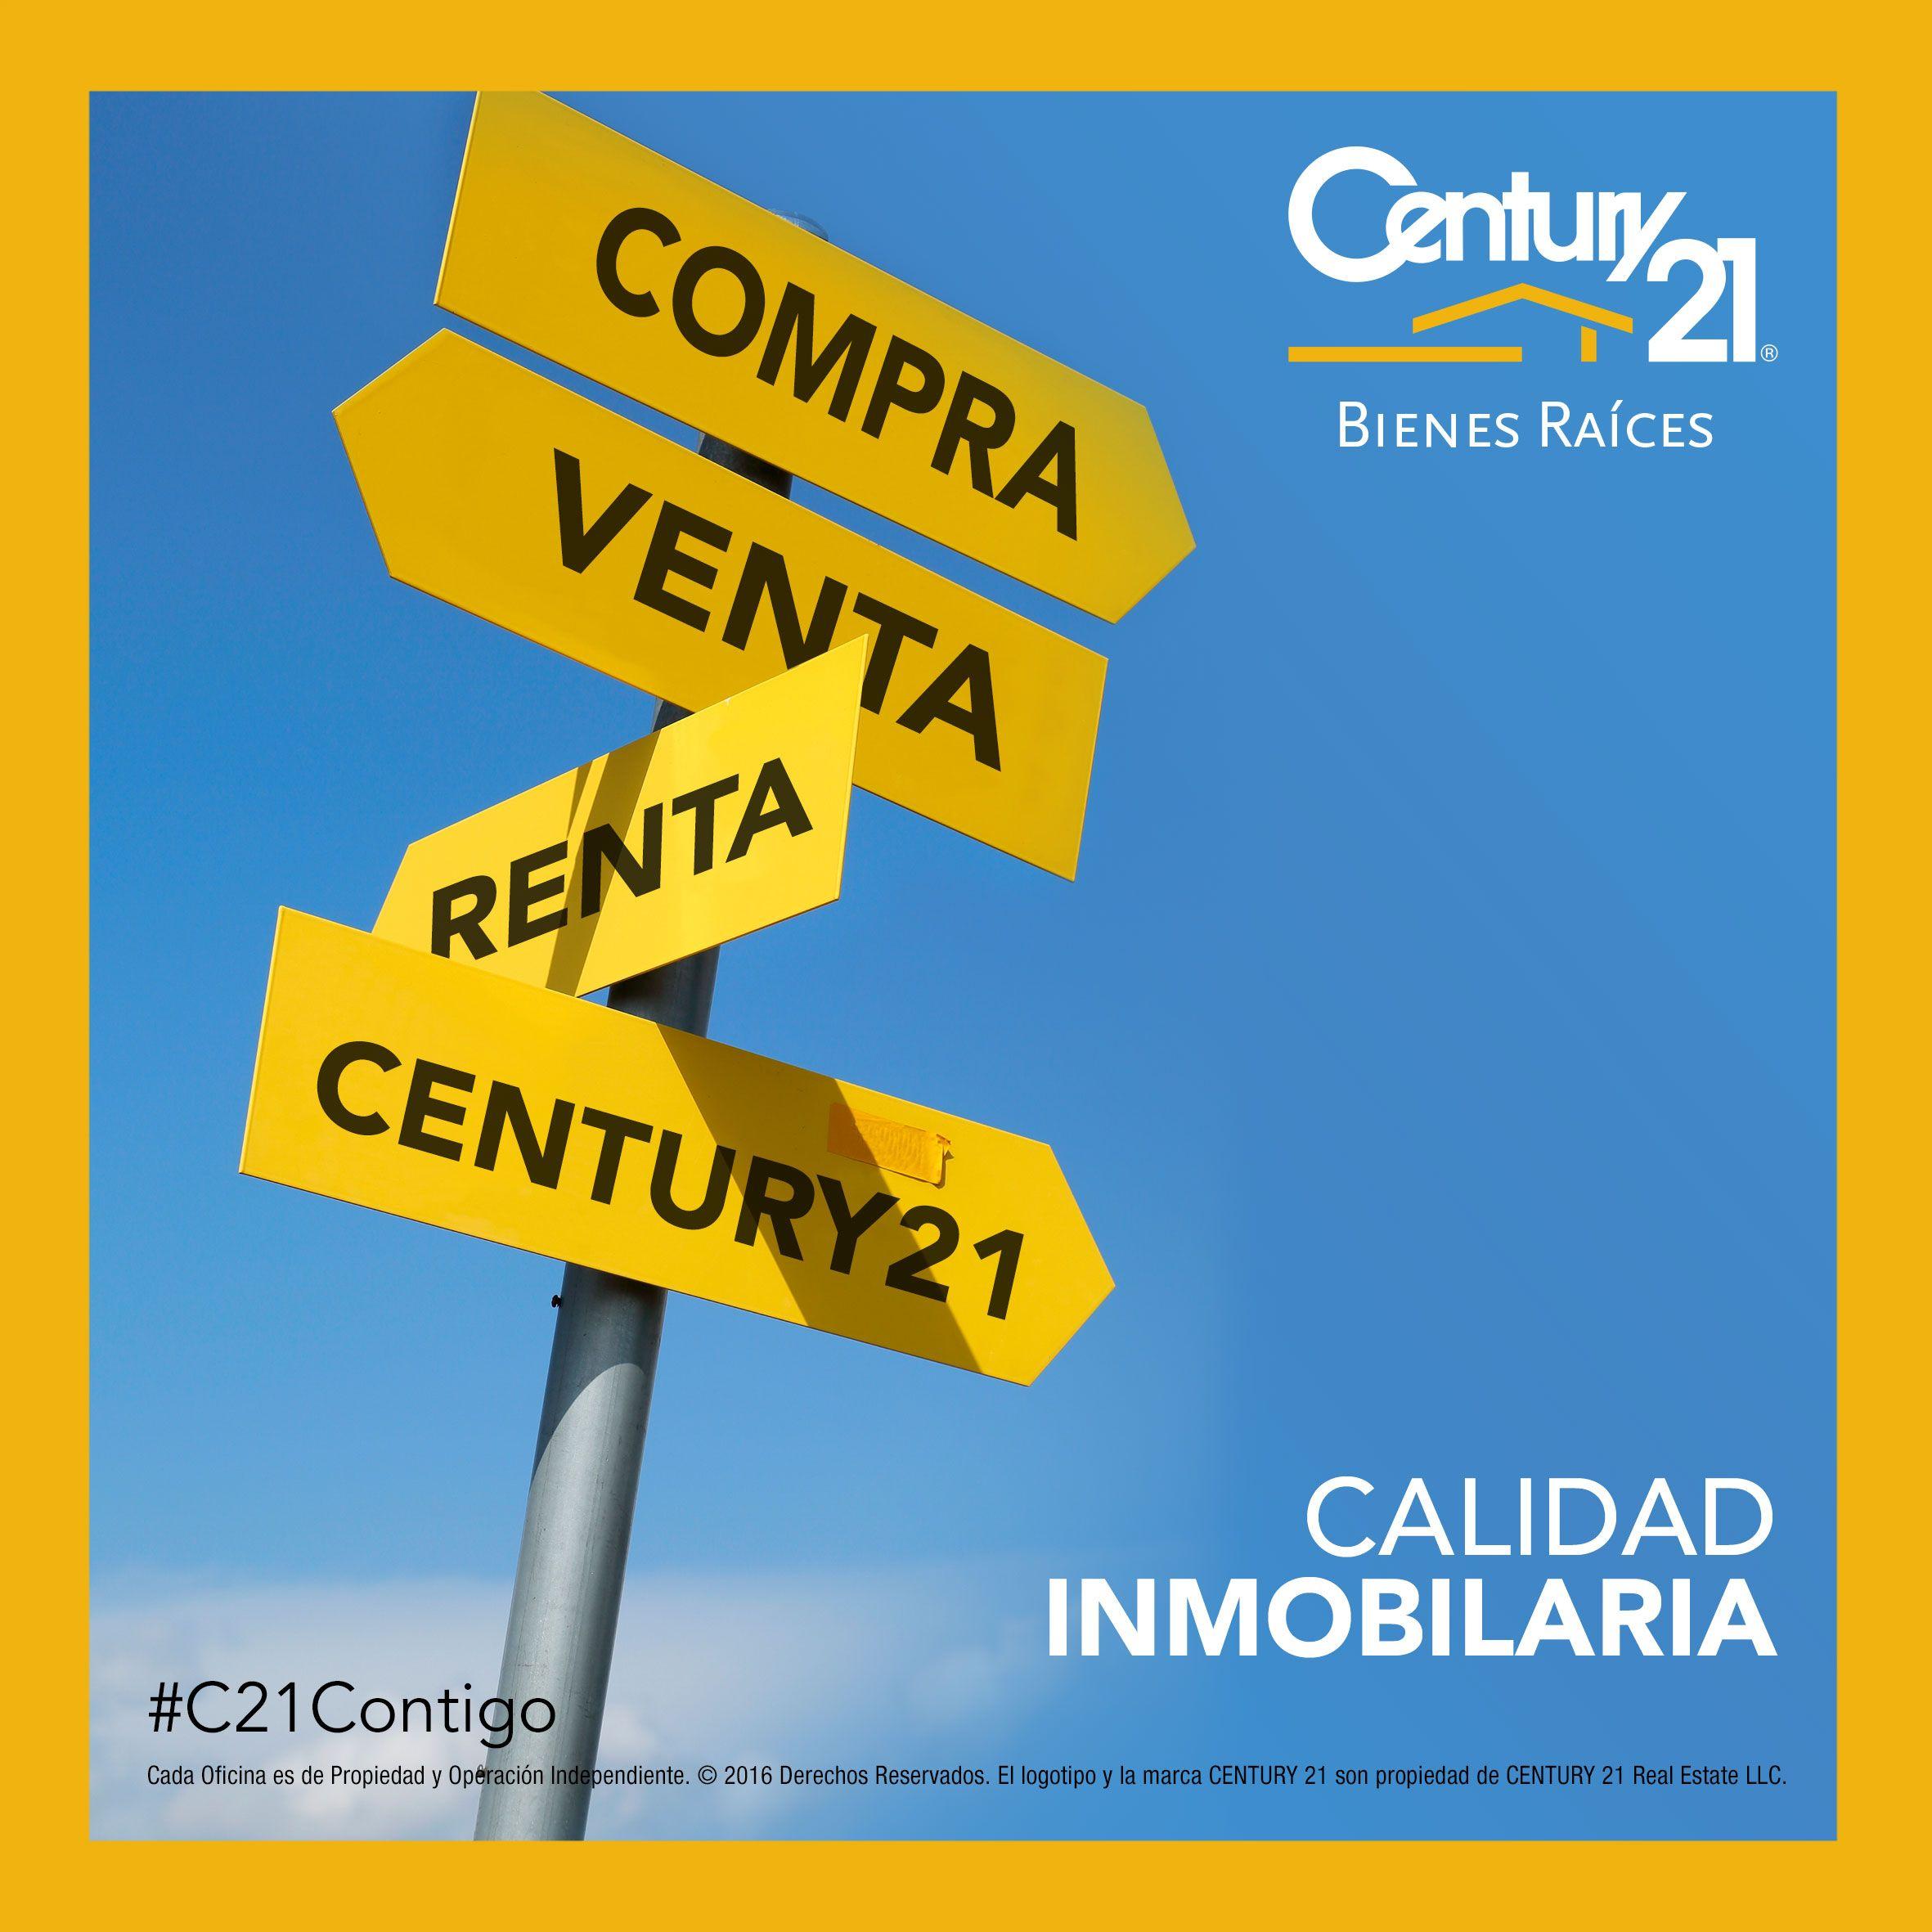 Compra,Vende o Renta con CENTURY 21. ¡Confía en los expertos! contáctanos al (55) 5251 6700 o visítanos en www.century21mexico.com #C21Contigo #CENTURY21MÉXICO #BienesRaíces